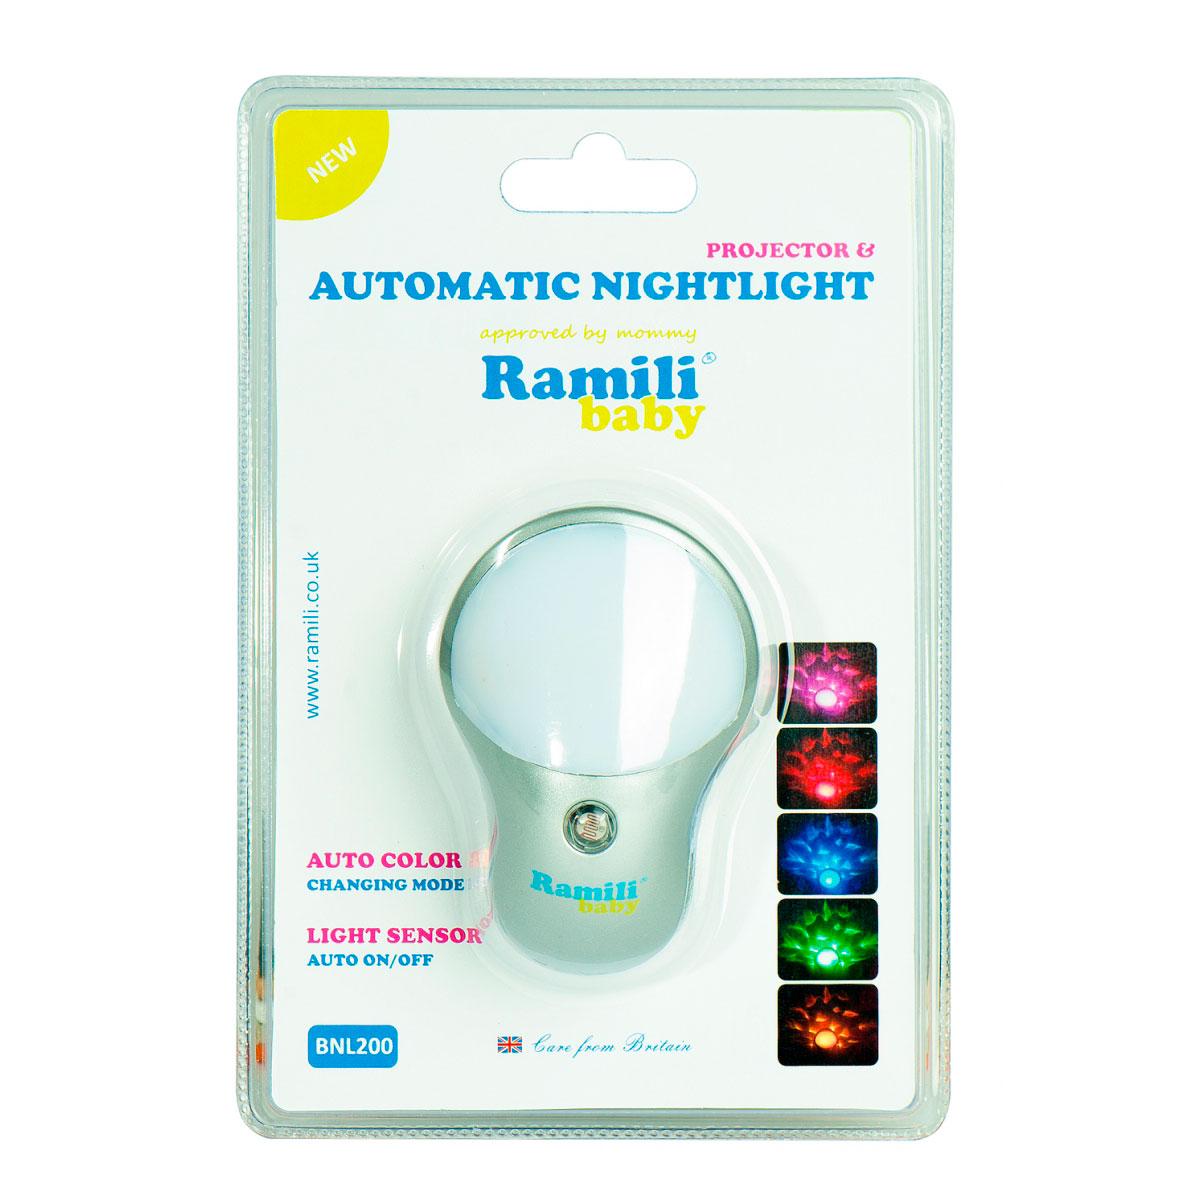 ������ Ramili Baby �������������� BNL200